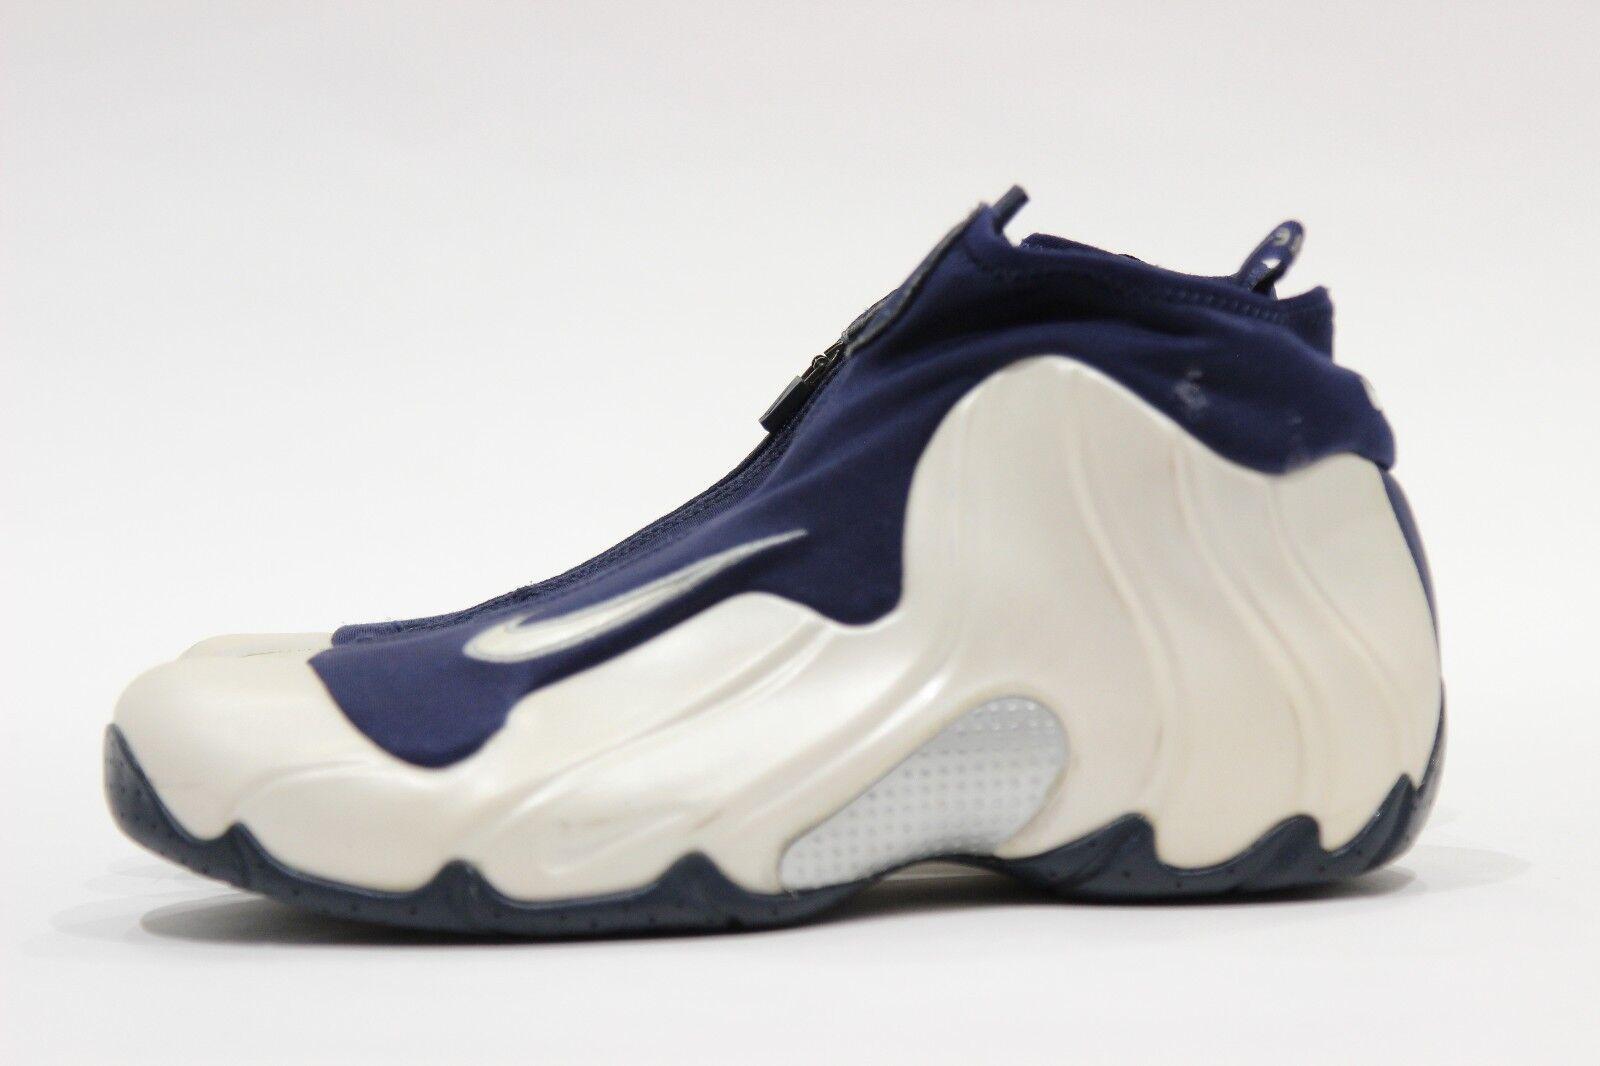 Nike metcon 3 id nero / white-nero dimensioni uomini 12 [920369-991]